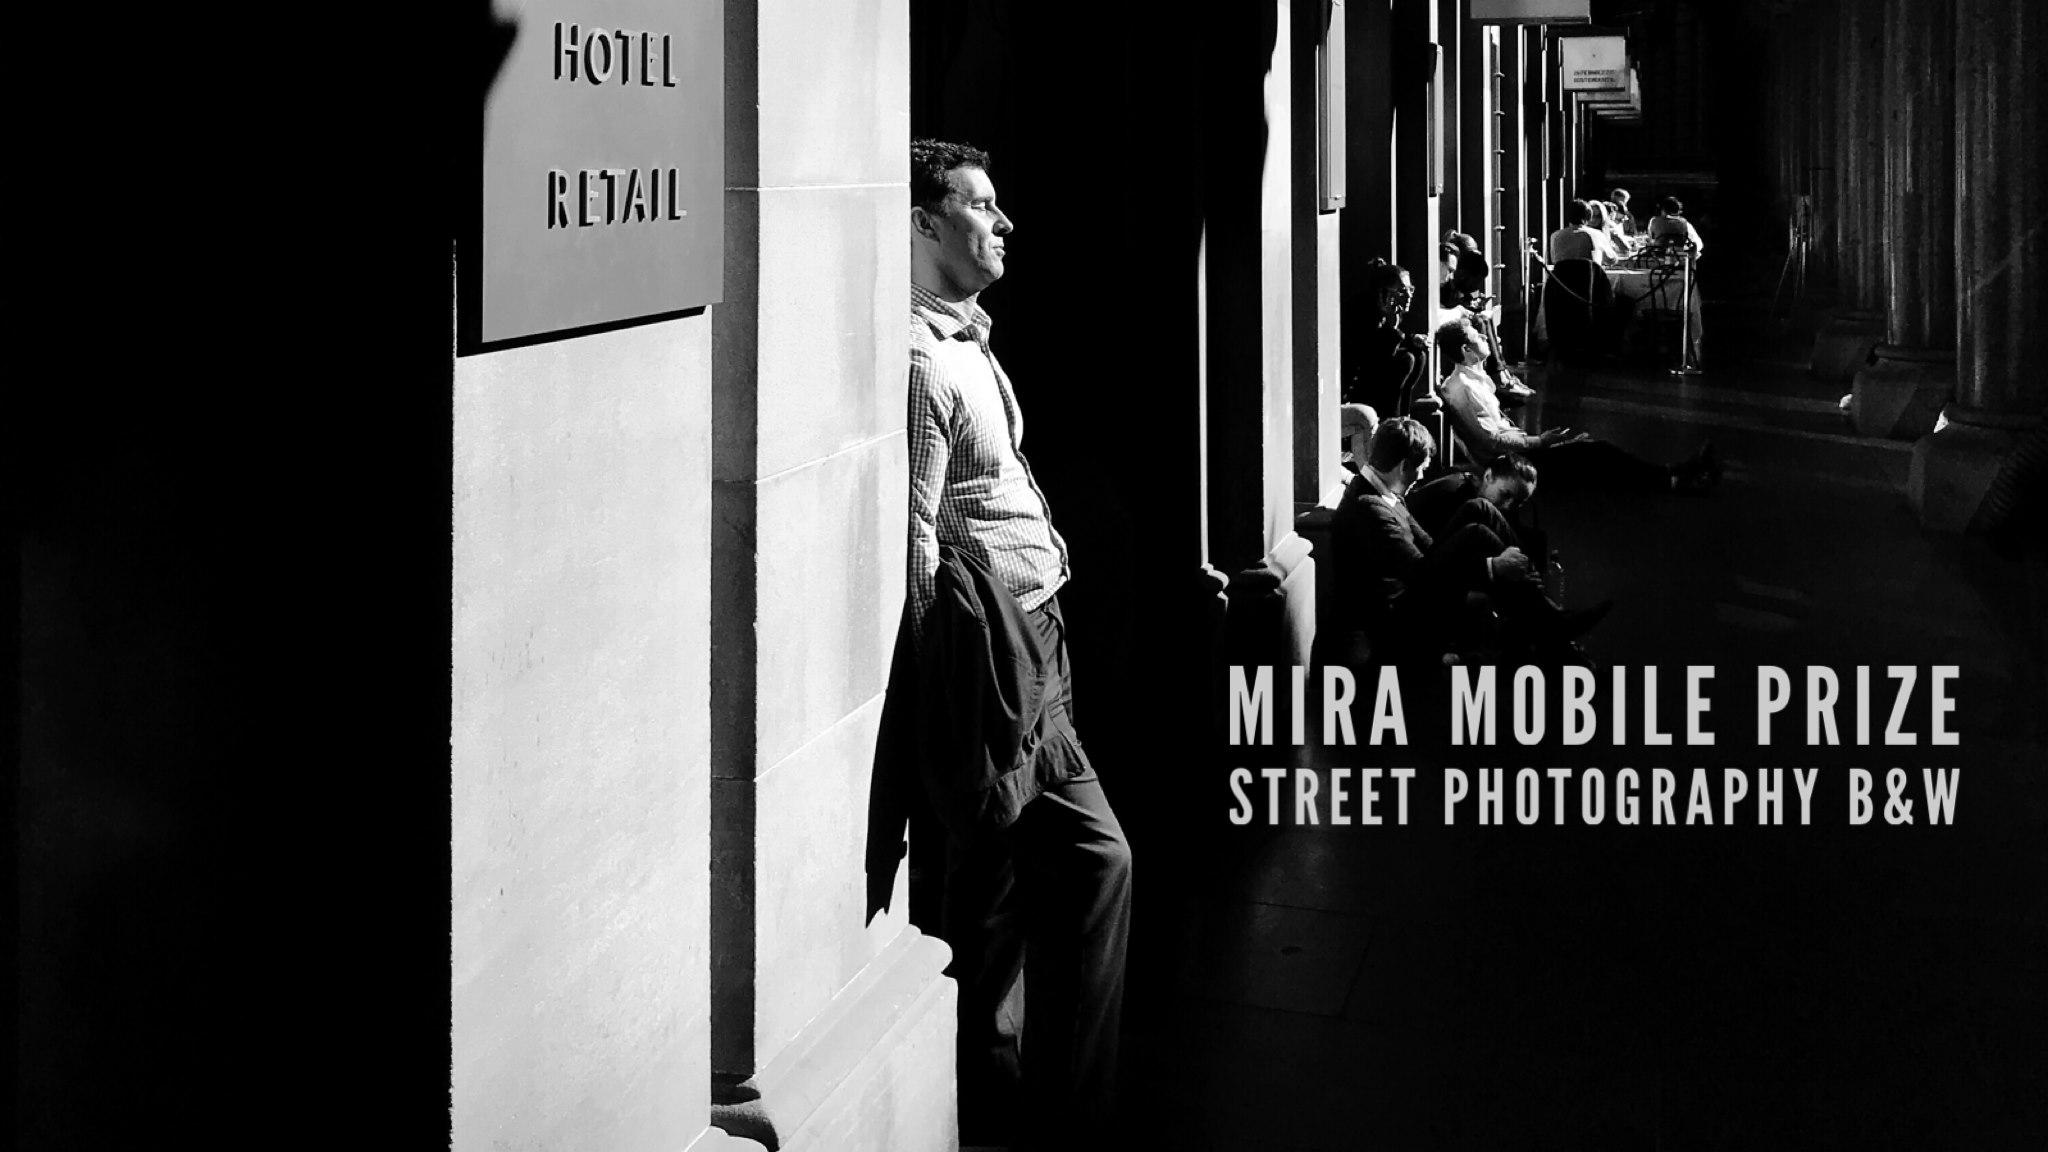 Abertura da 12ª edição do MIRA Mobile Prize Street Photography B&W